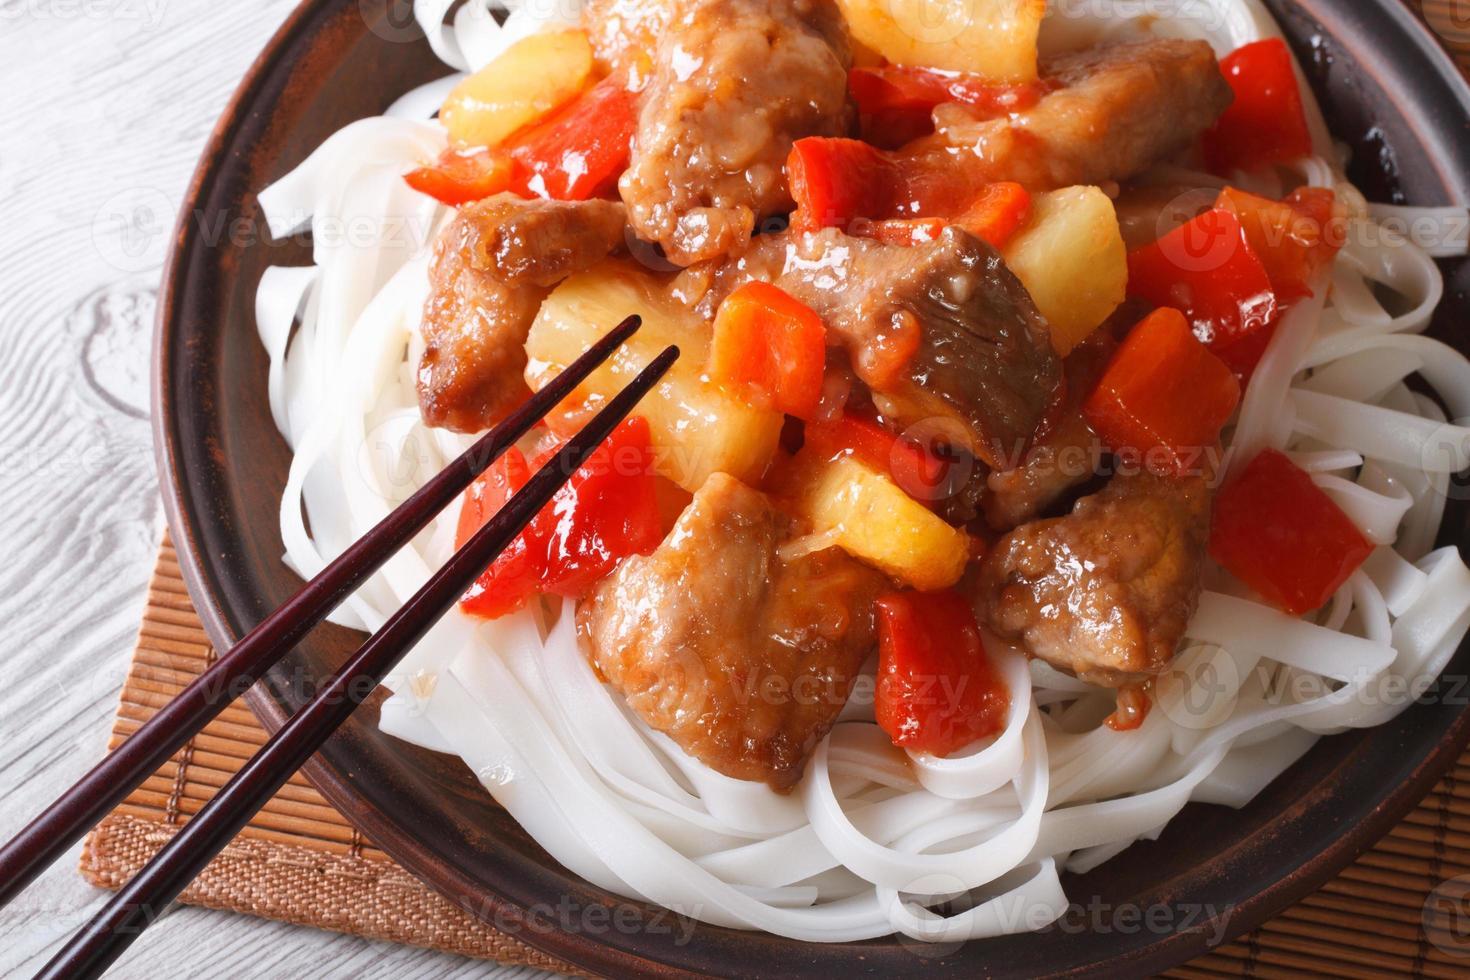 Schweinefleisch mit Gemüse und Reisnudeln horizontale Draufsicht foto